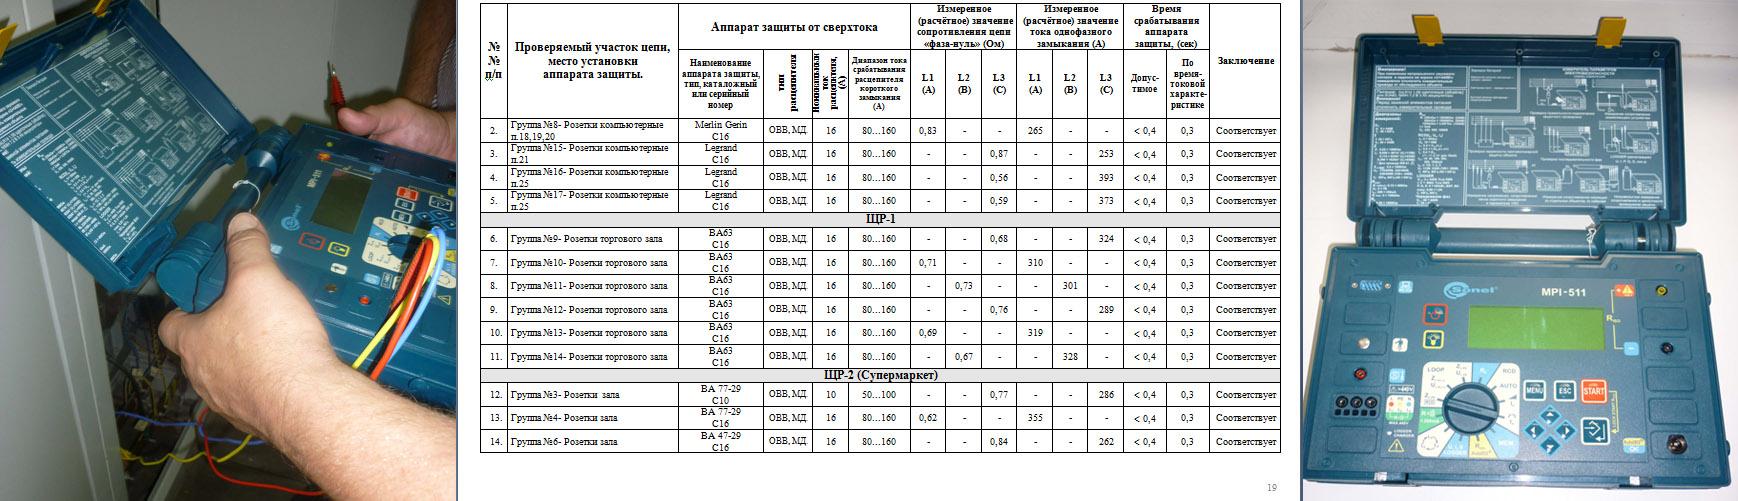 образец заполнения протокол проверки сопротивления изоляции проводов